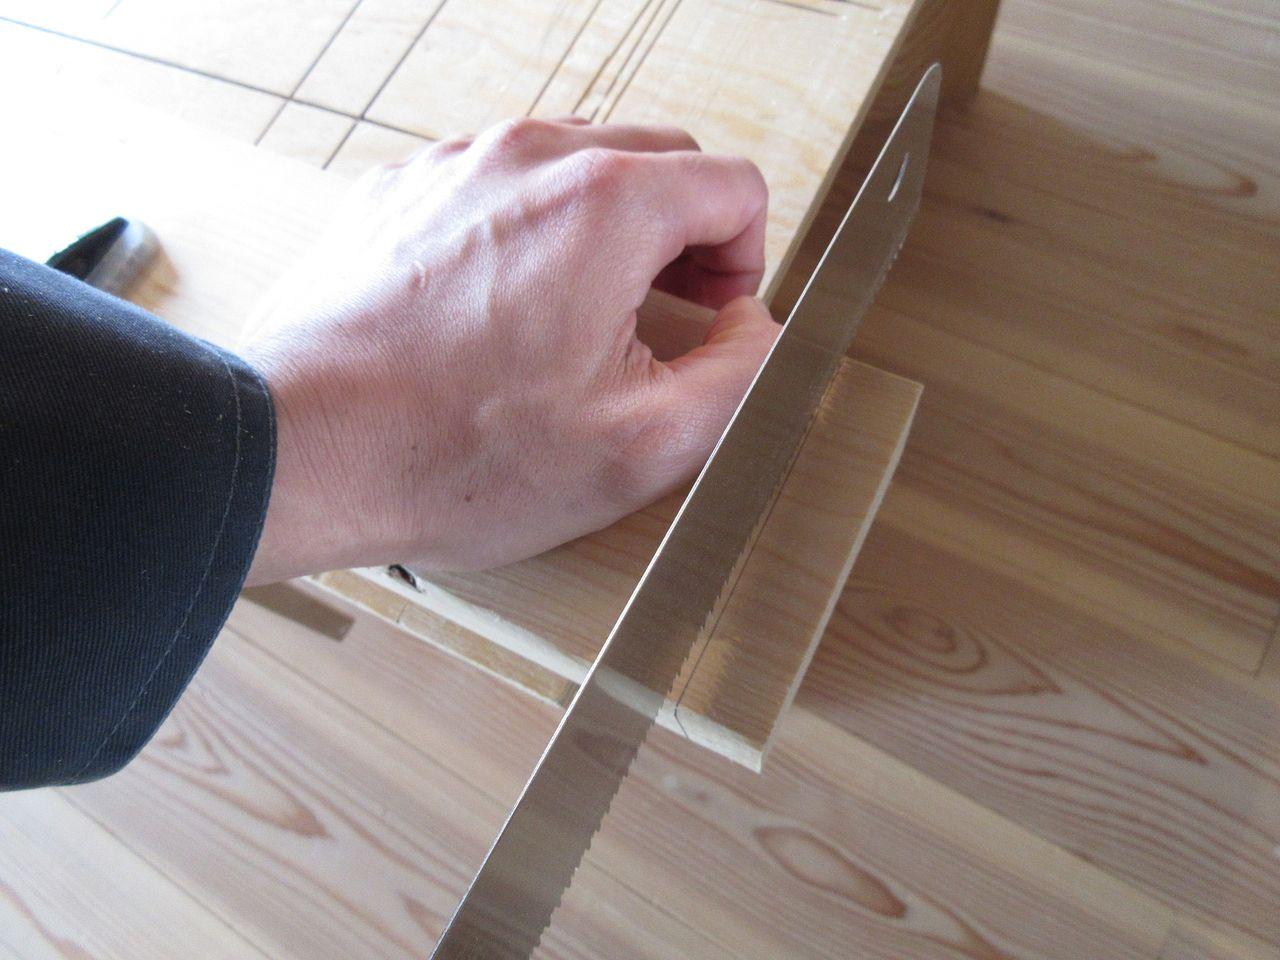 ノコギリで木材をキレイにカットする方法  ~ガイドなし編 その1~